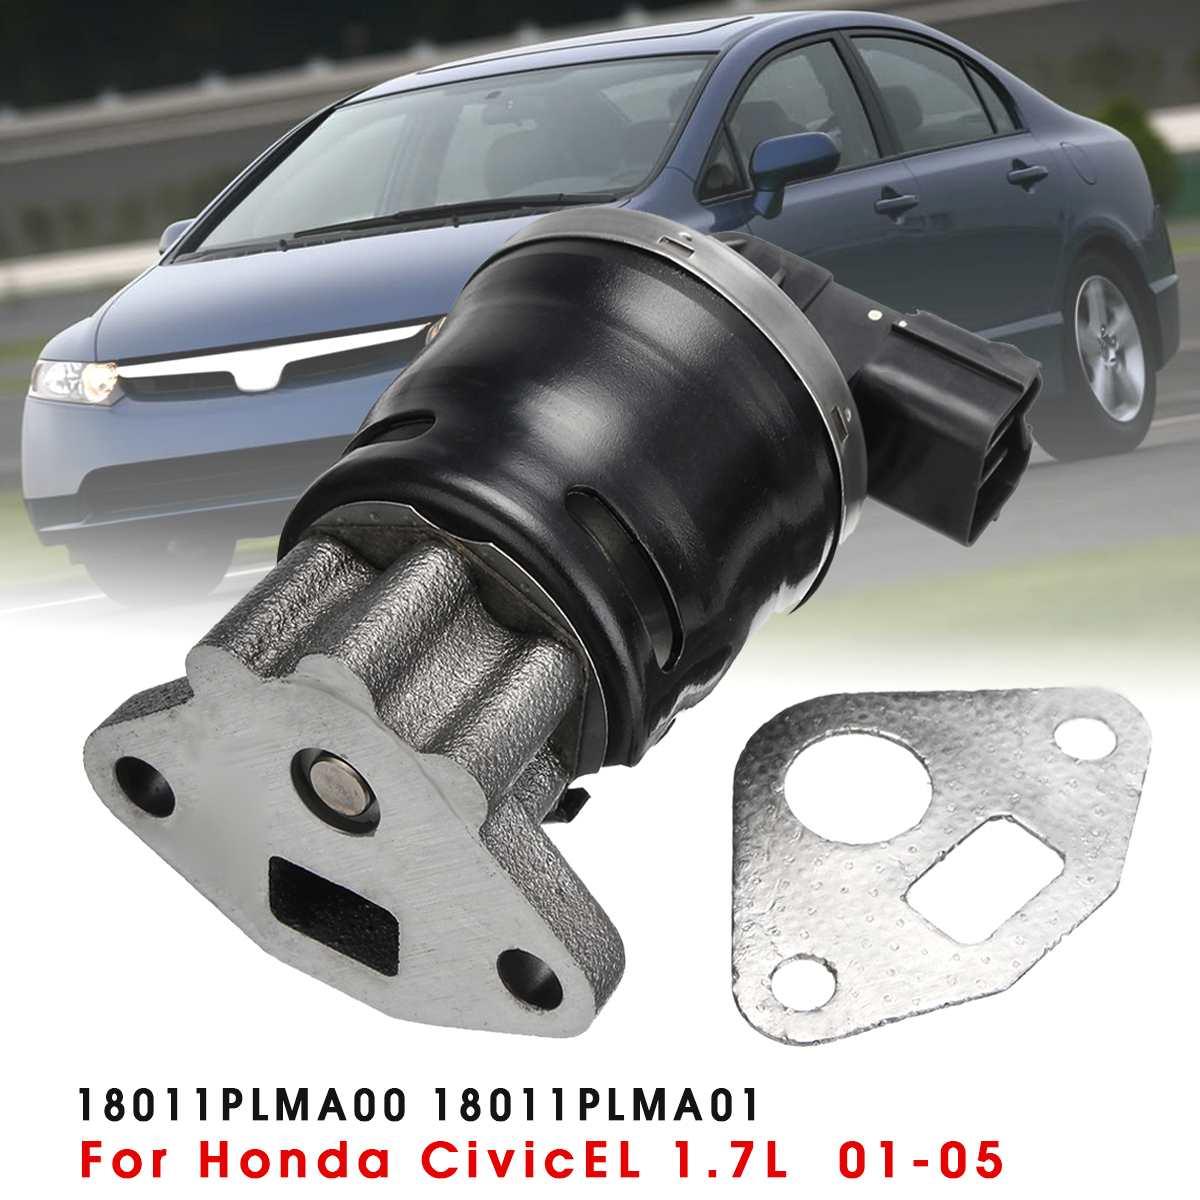 Emissions EGR Valve Kit 18011PLMA00 18011PLMA01 For Honda for Civic EL 1.7L 2.0L 2001 2002 2003 2004 2005Emissions EGR Valve Kit 18011PLMA00 18011PLMA01 For Honda for Civic EL 1.7L 2.0L 2001 2002 2003 2004 2005